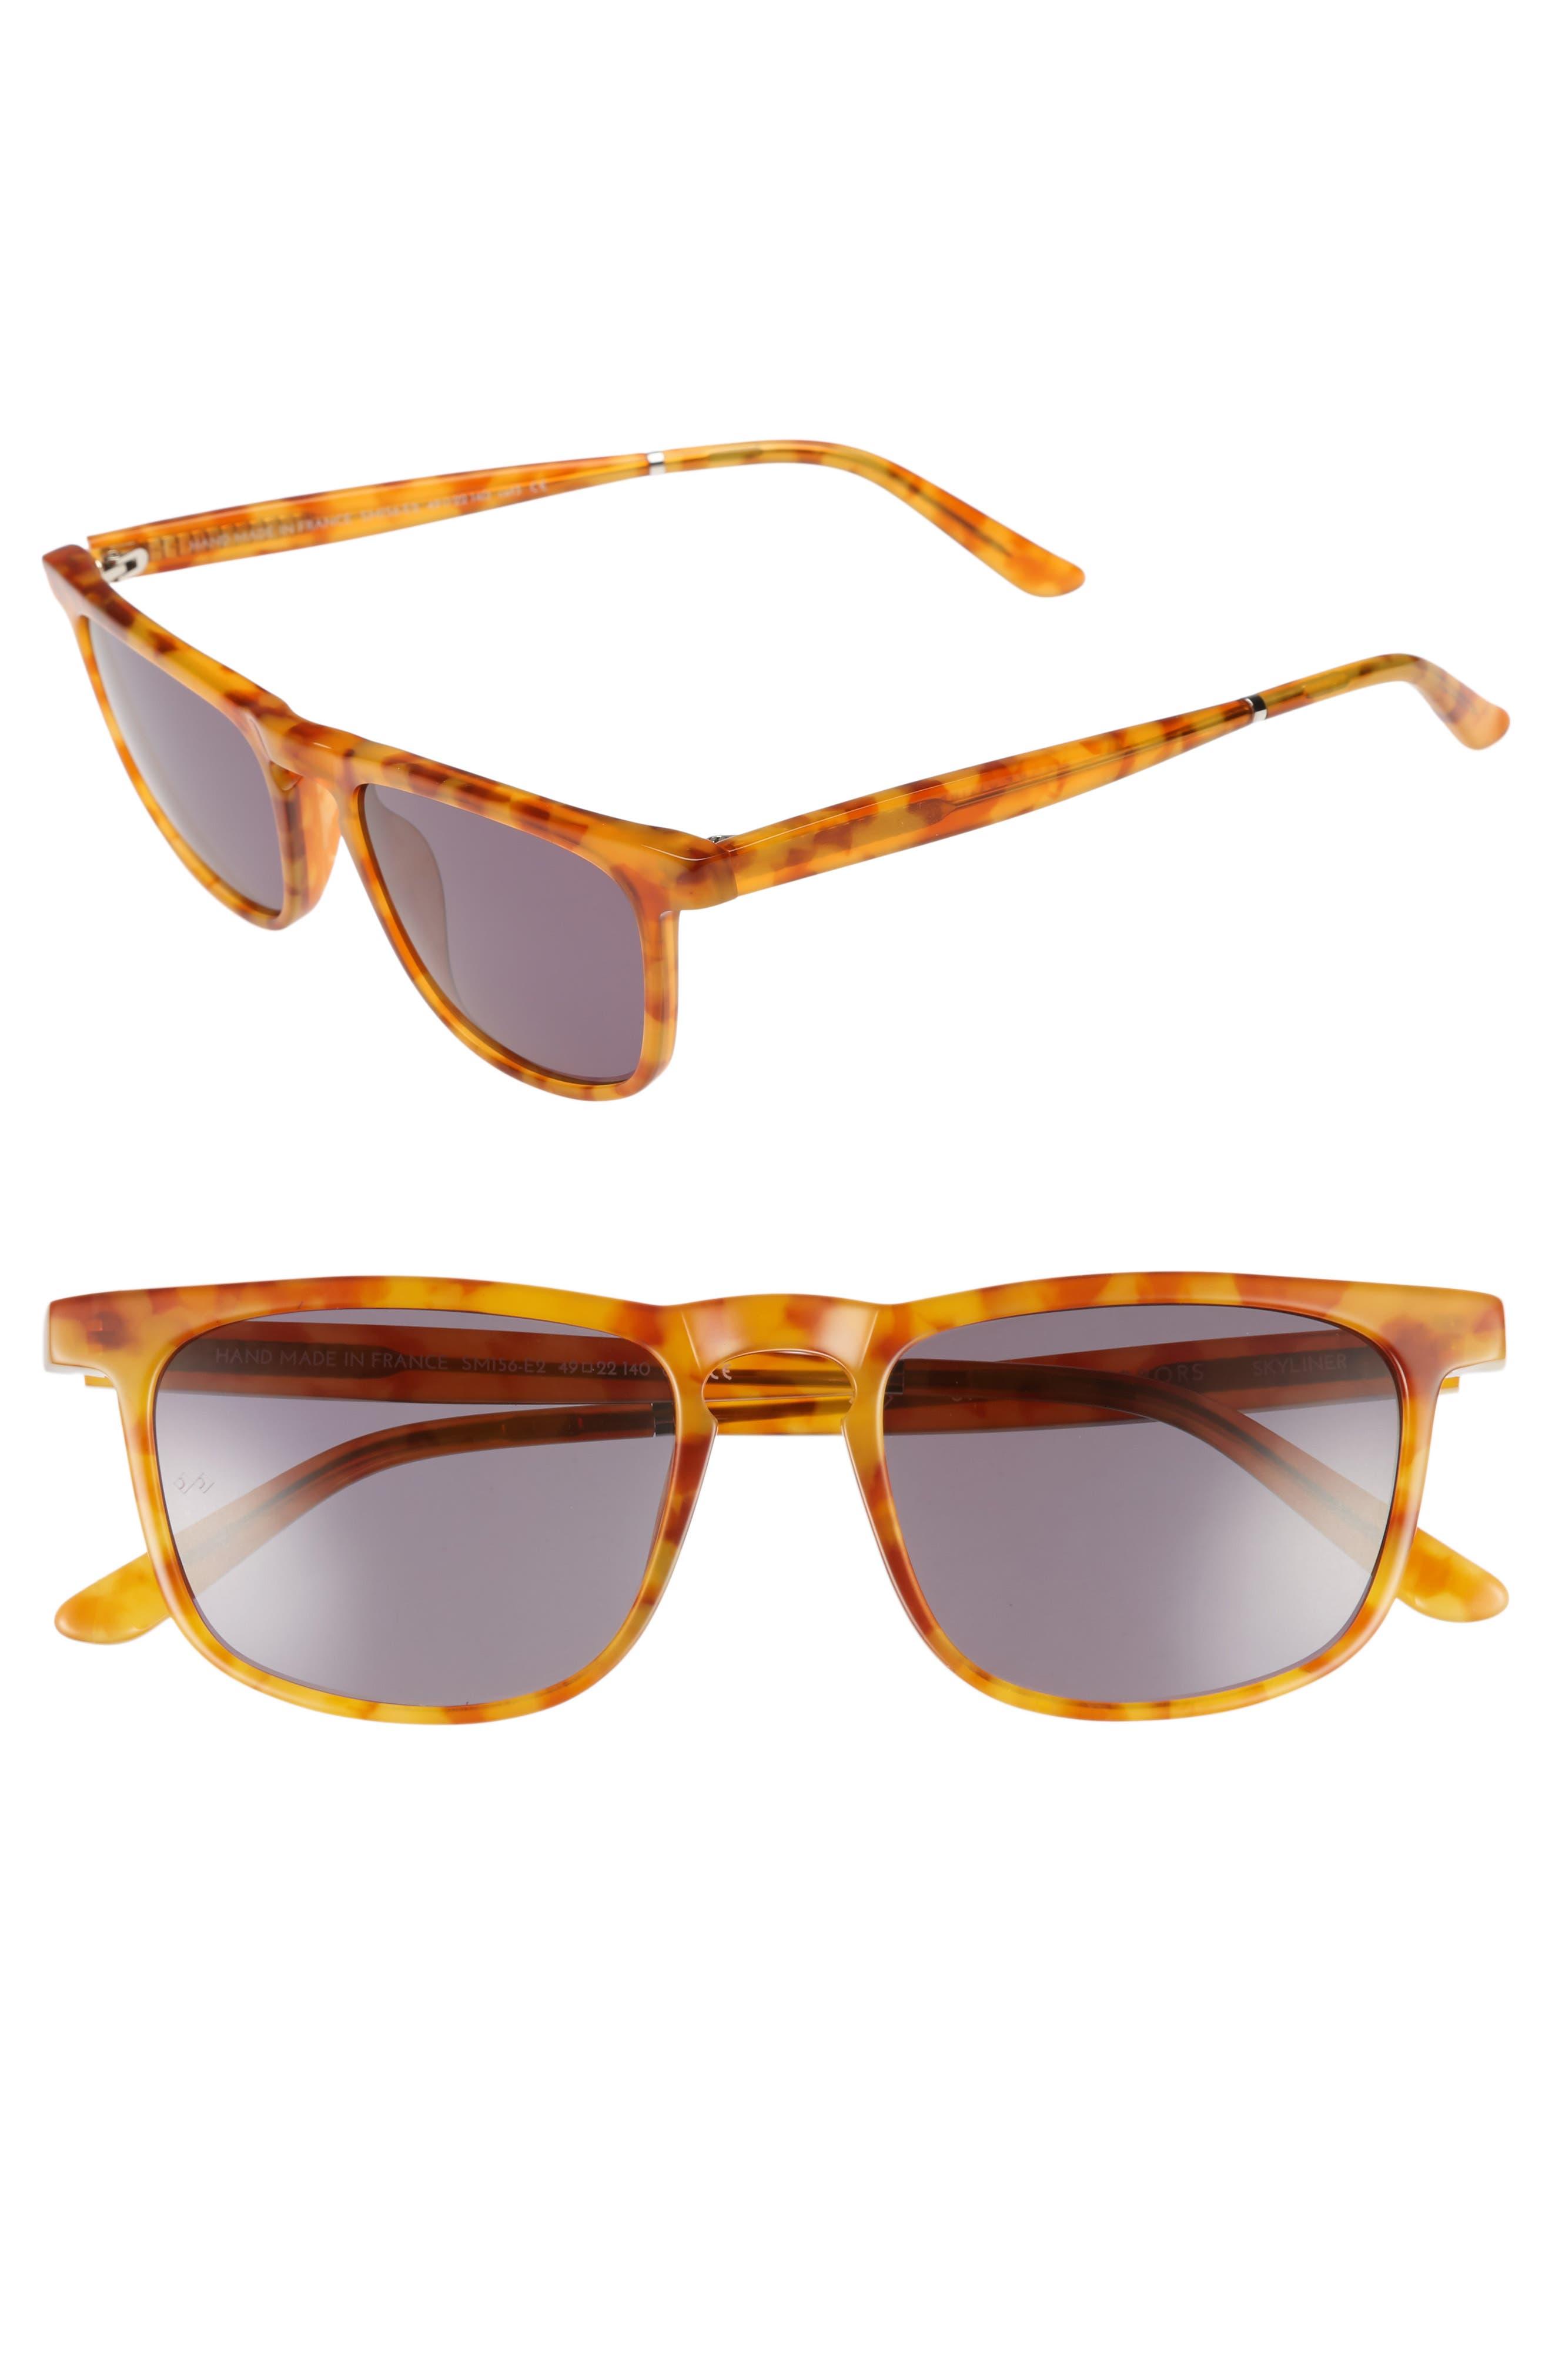 Skyliner 49mm Sunglasses,                             Main thumbnail 1, color,                             Ginger Tortoise/ Green